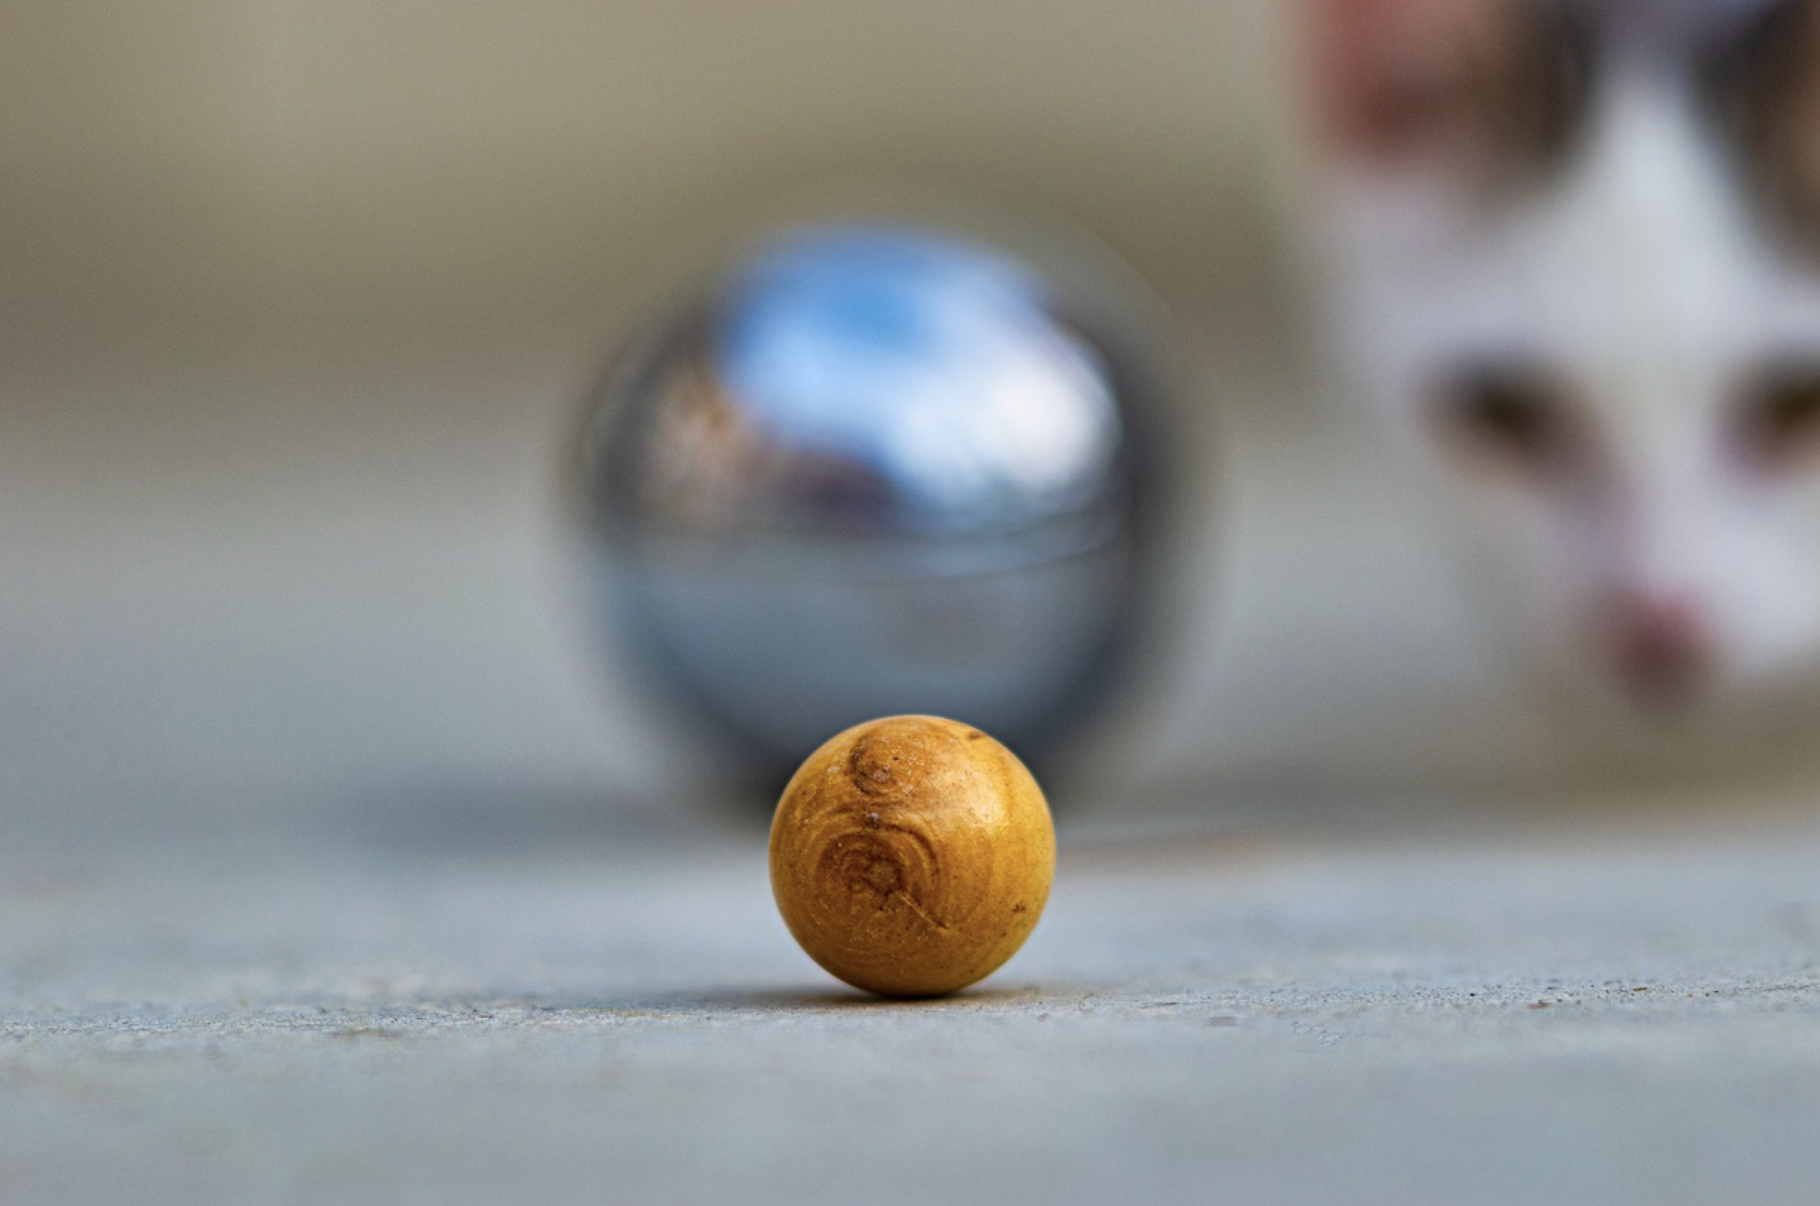 la boule de petanque